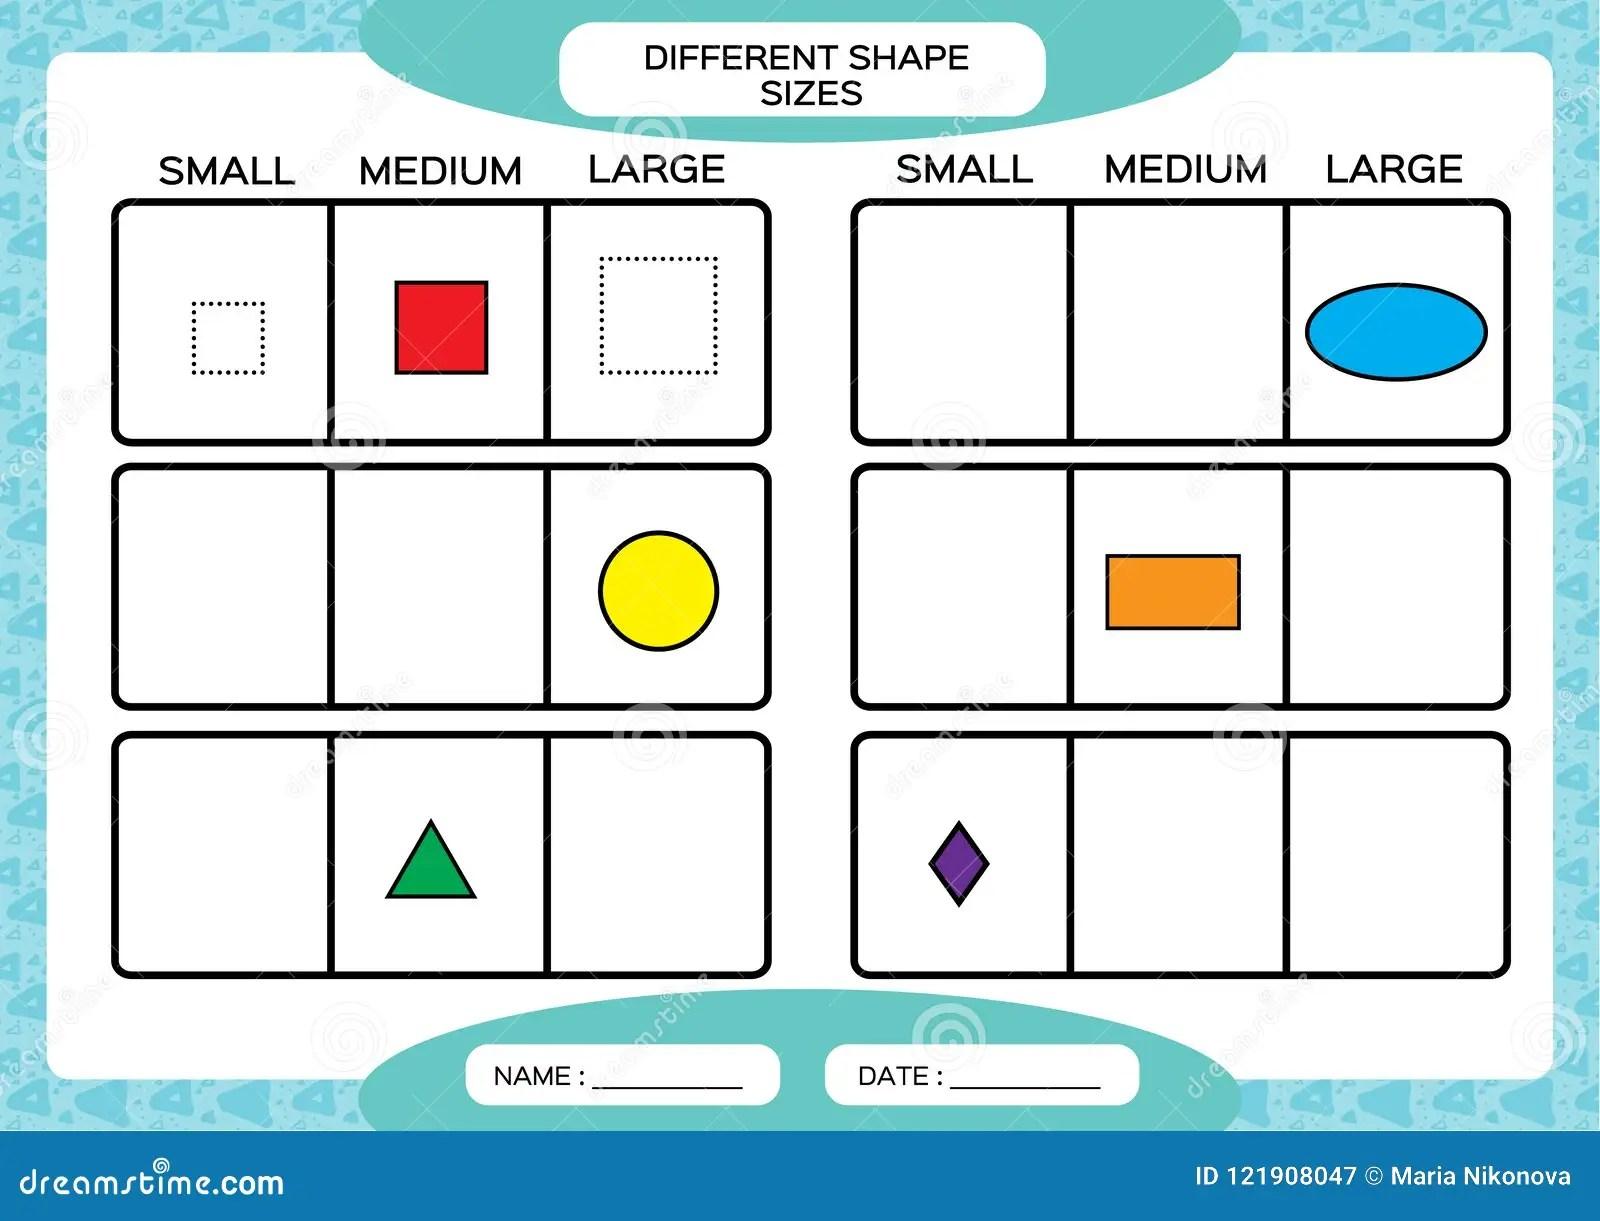 Dimensioni Differenti Di Forma Piccolo Medio Grande